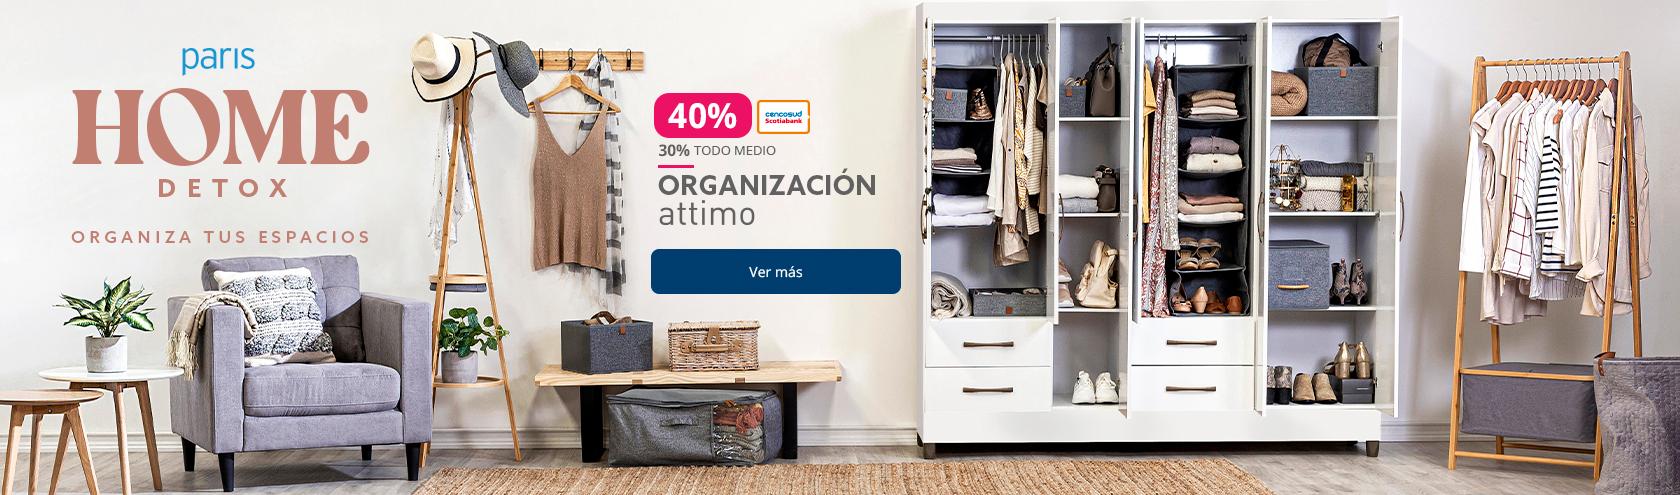 Hasta 40% de descuento con tarjeta cencosud y 30% todo medio de pago en organizacion hogar